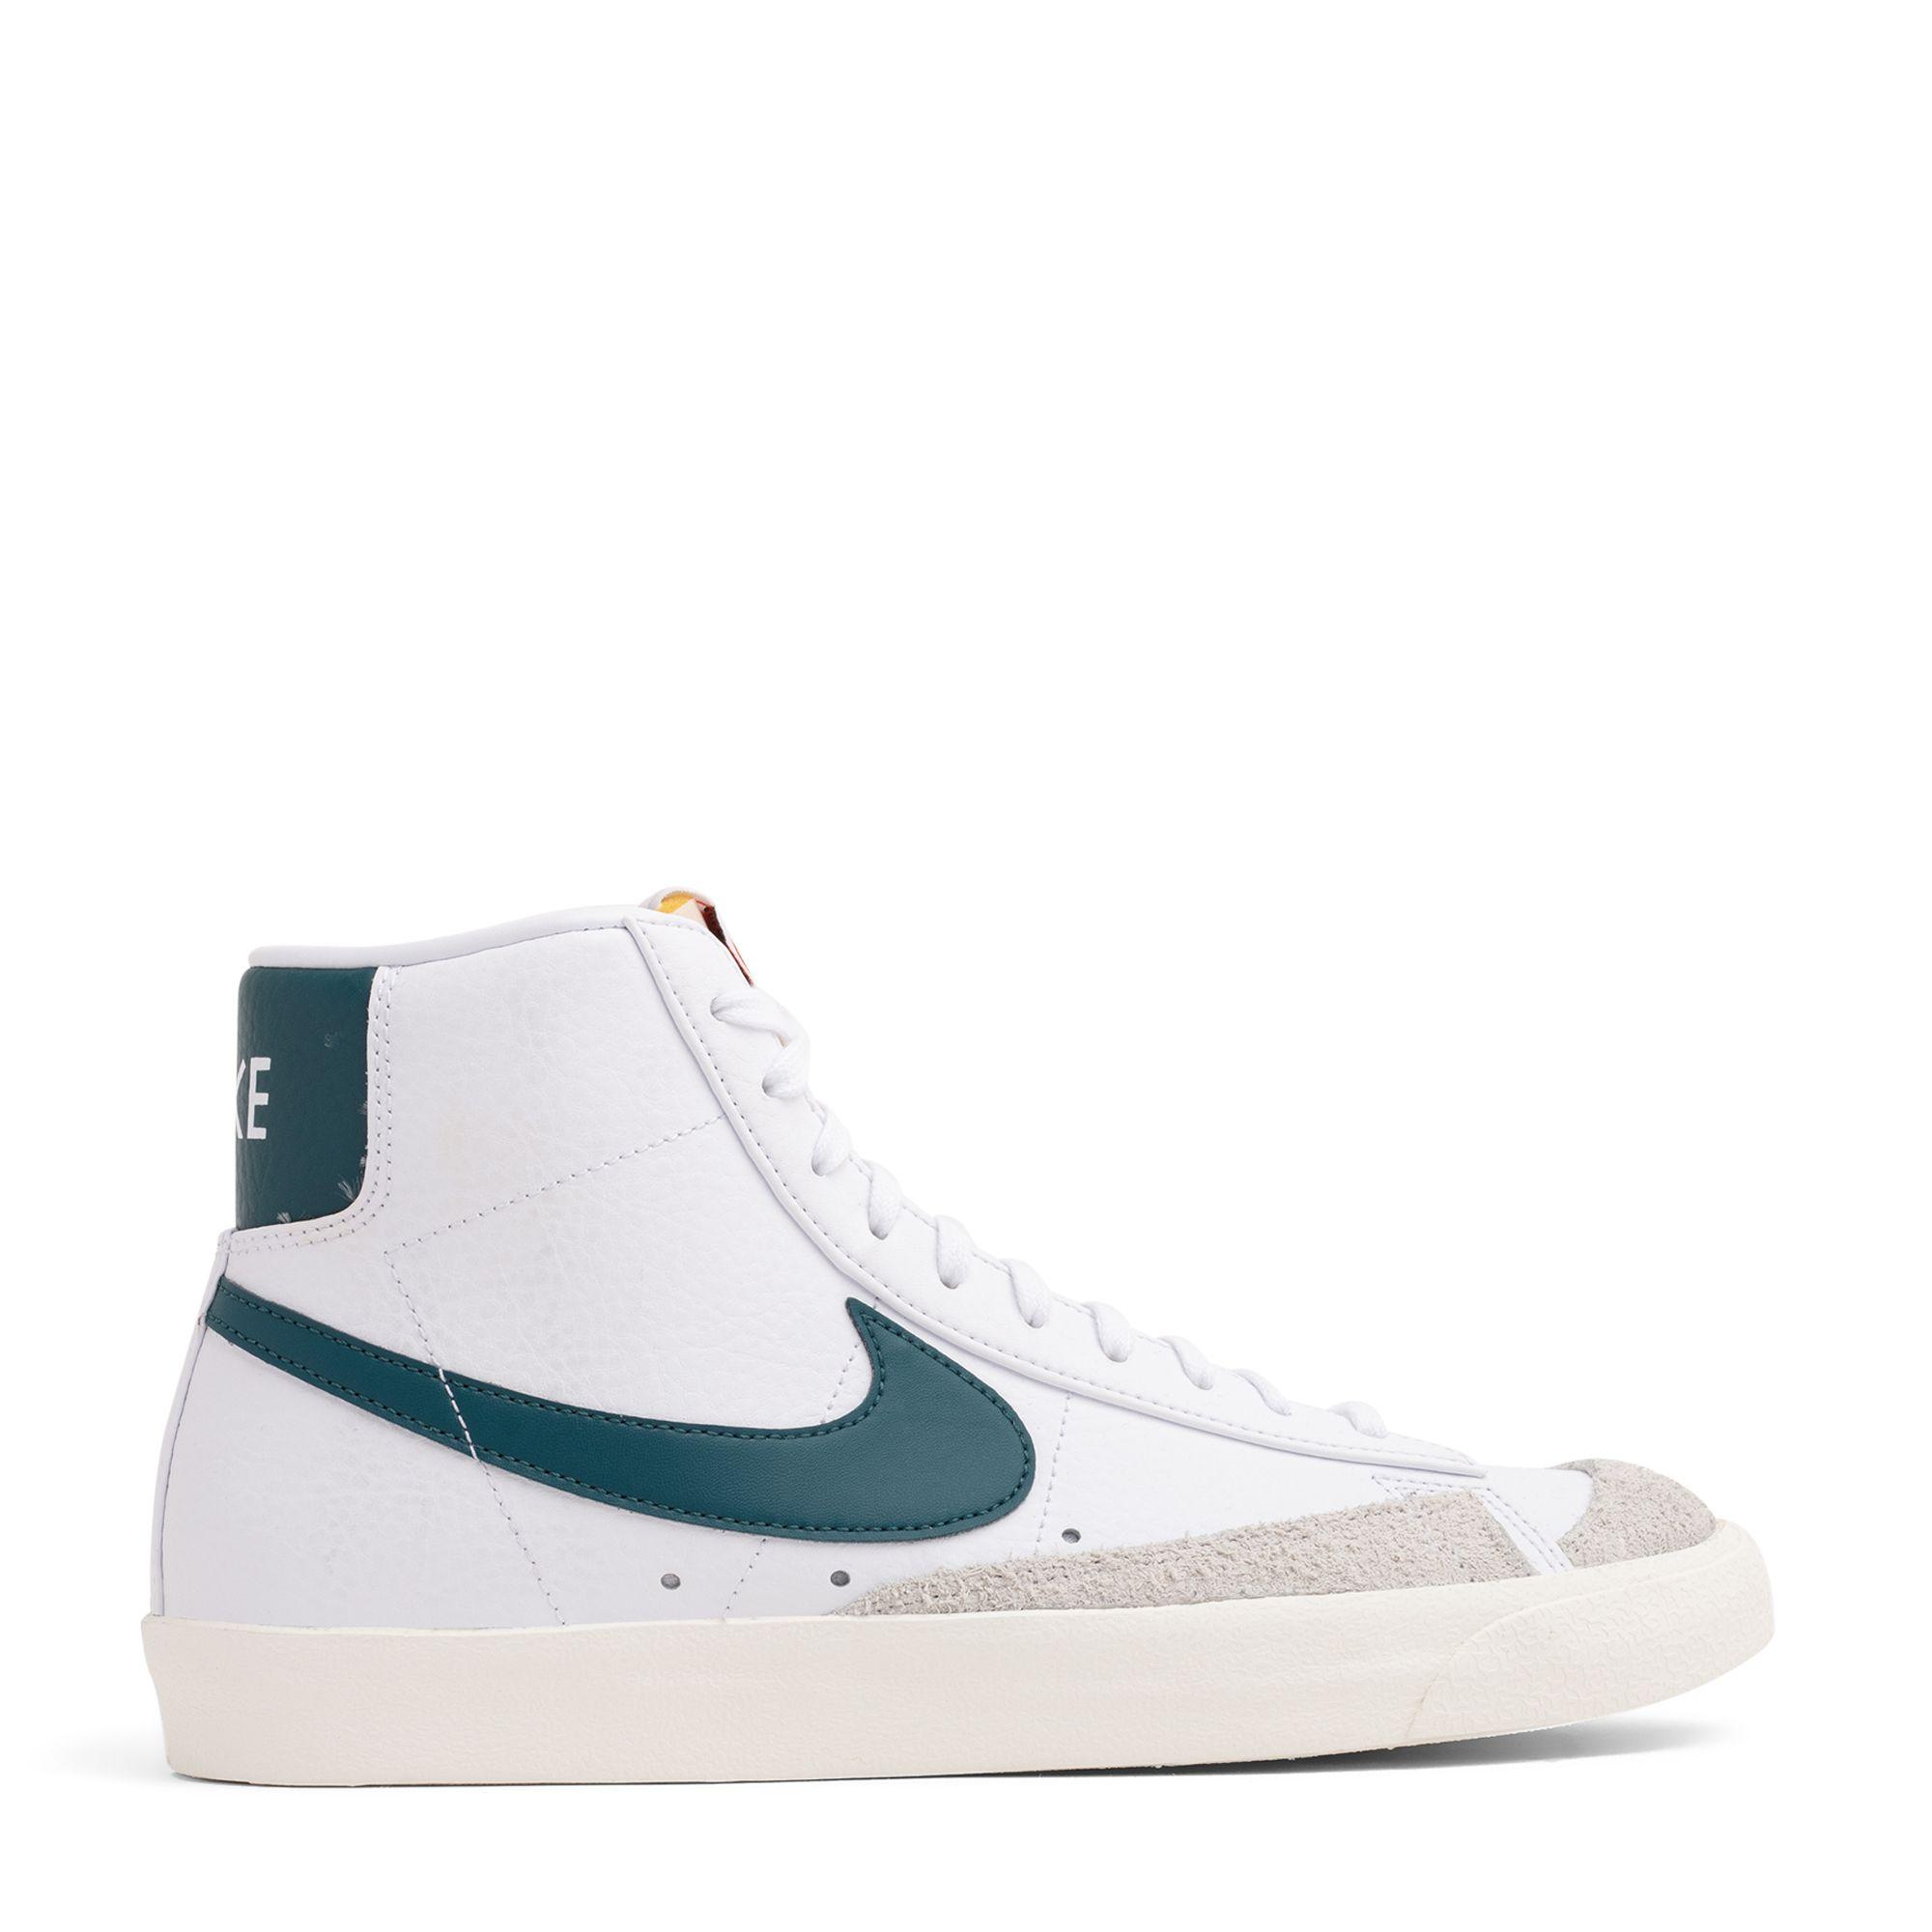 Blazer Mid 77 Vintage sneakers